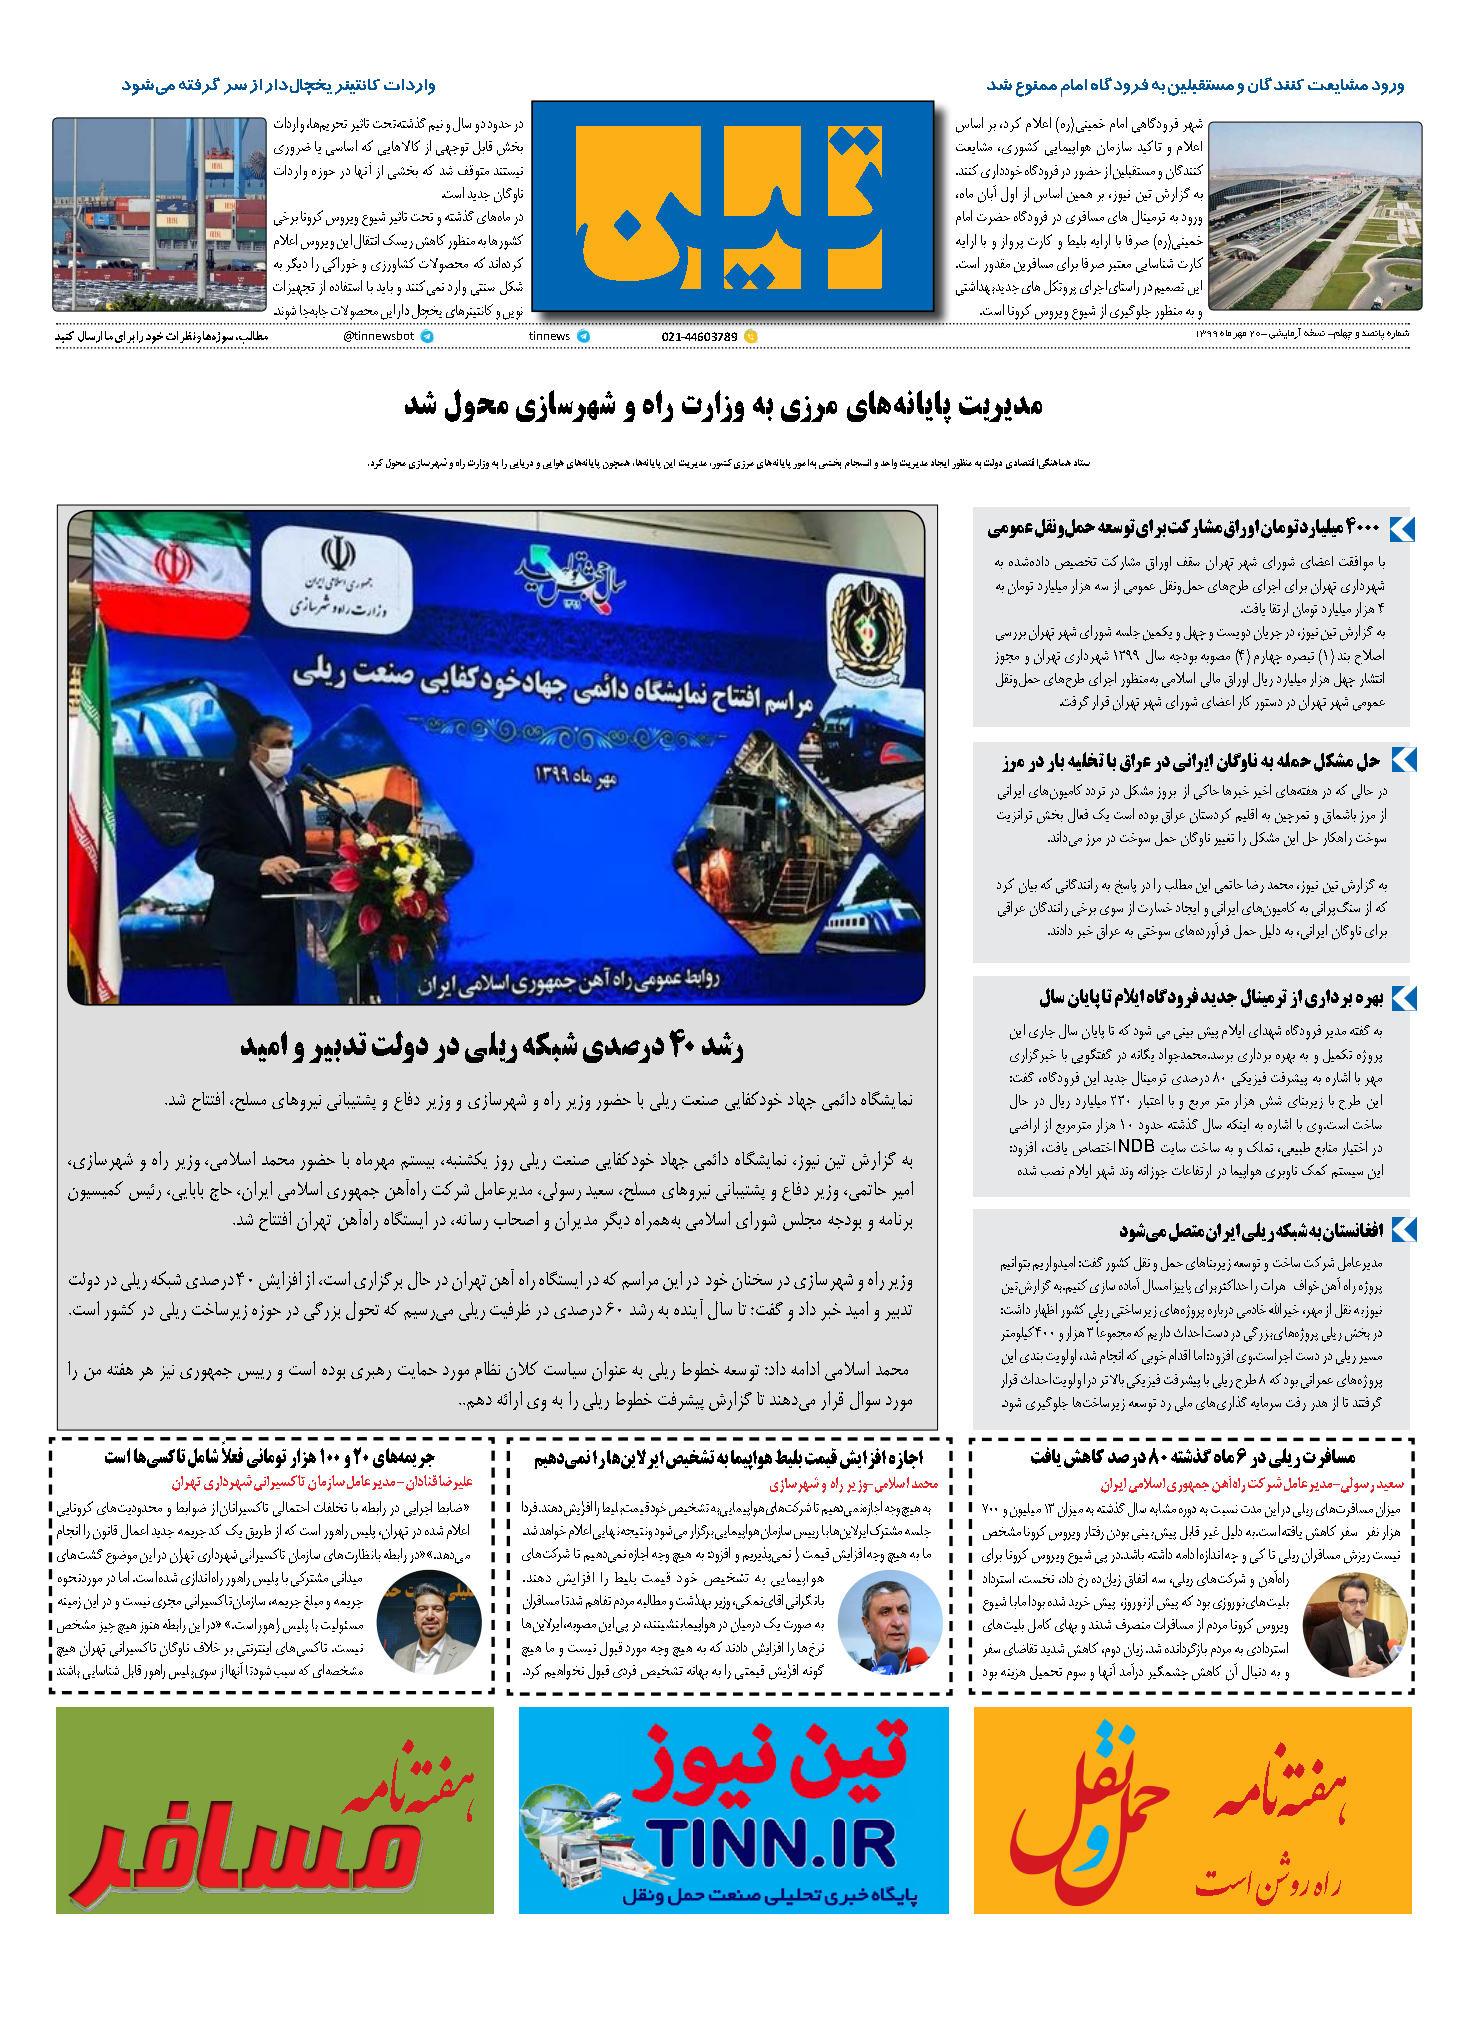 روزنامه الکترونیک 20 مهر ماه 99